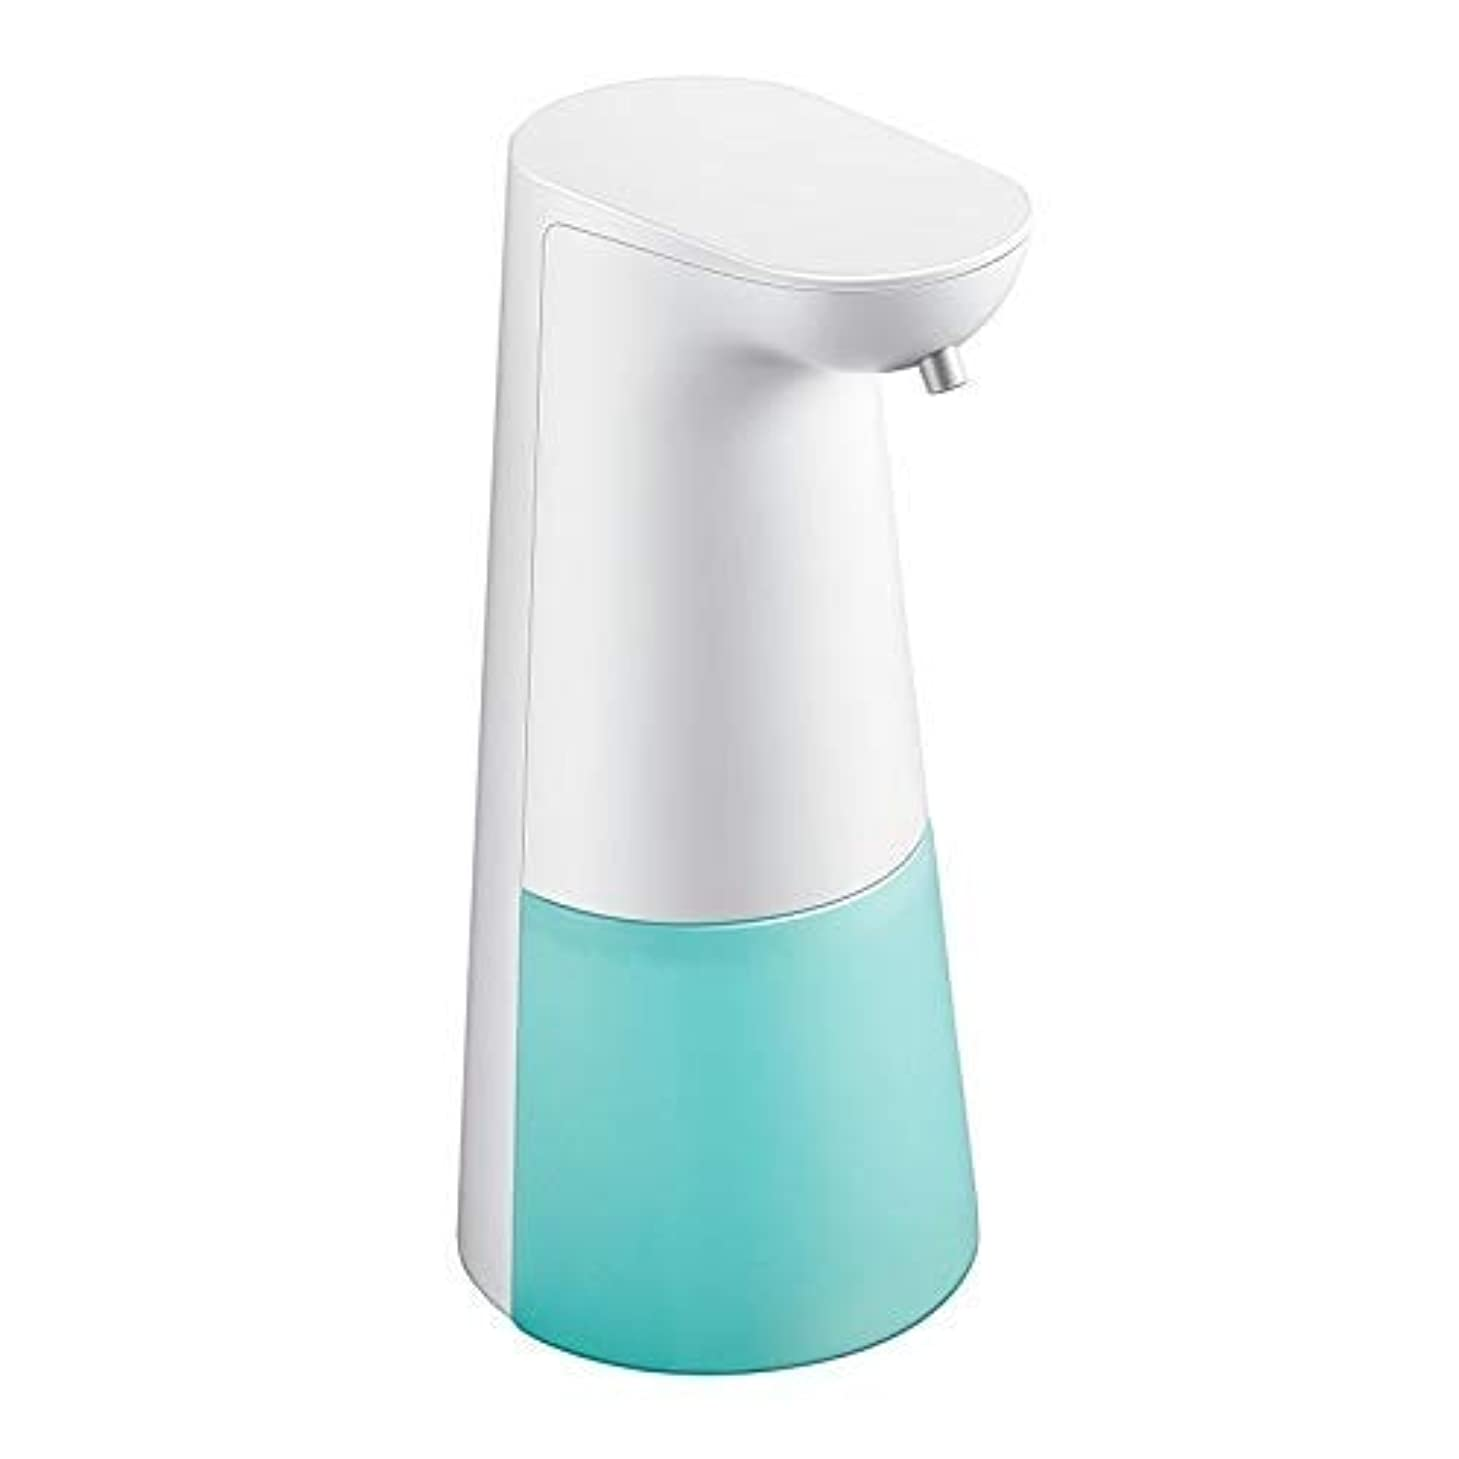 ぞっとするようなマニアックウミウシ自動誘導の泡の石鹸機械ホテルの泡の石鹸ディスペンサーの自動手の消毒剤